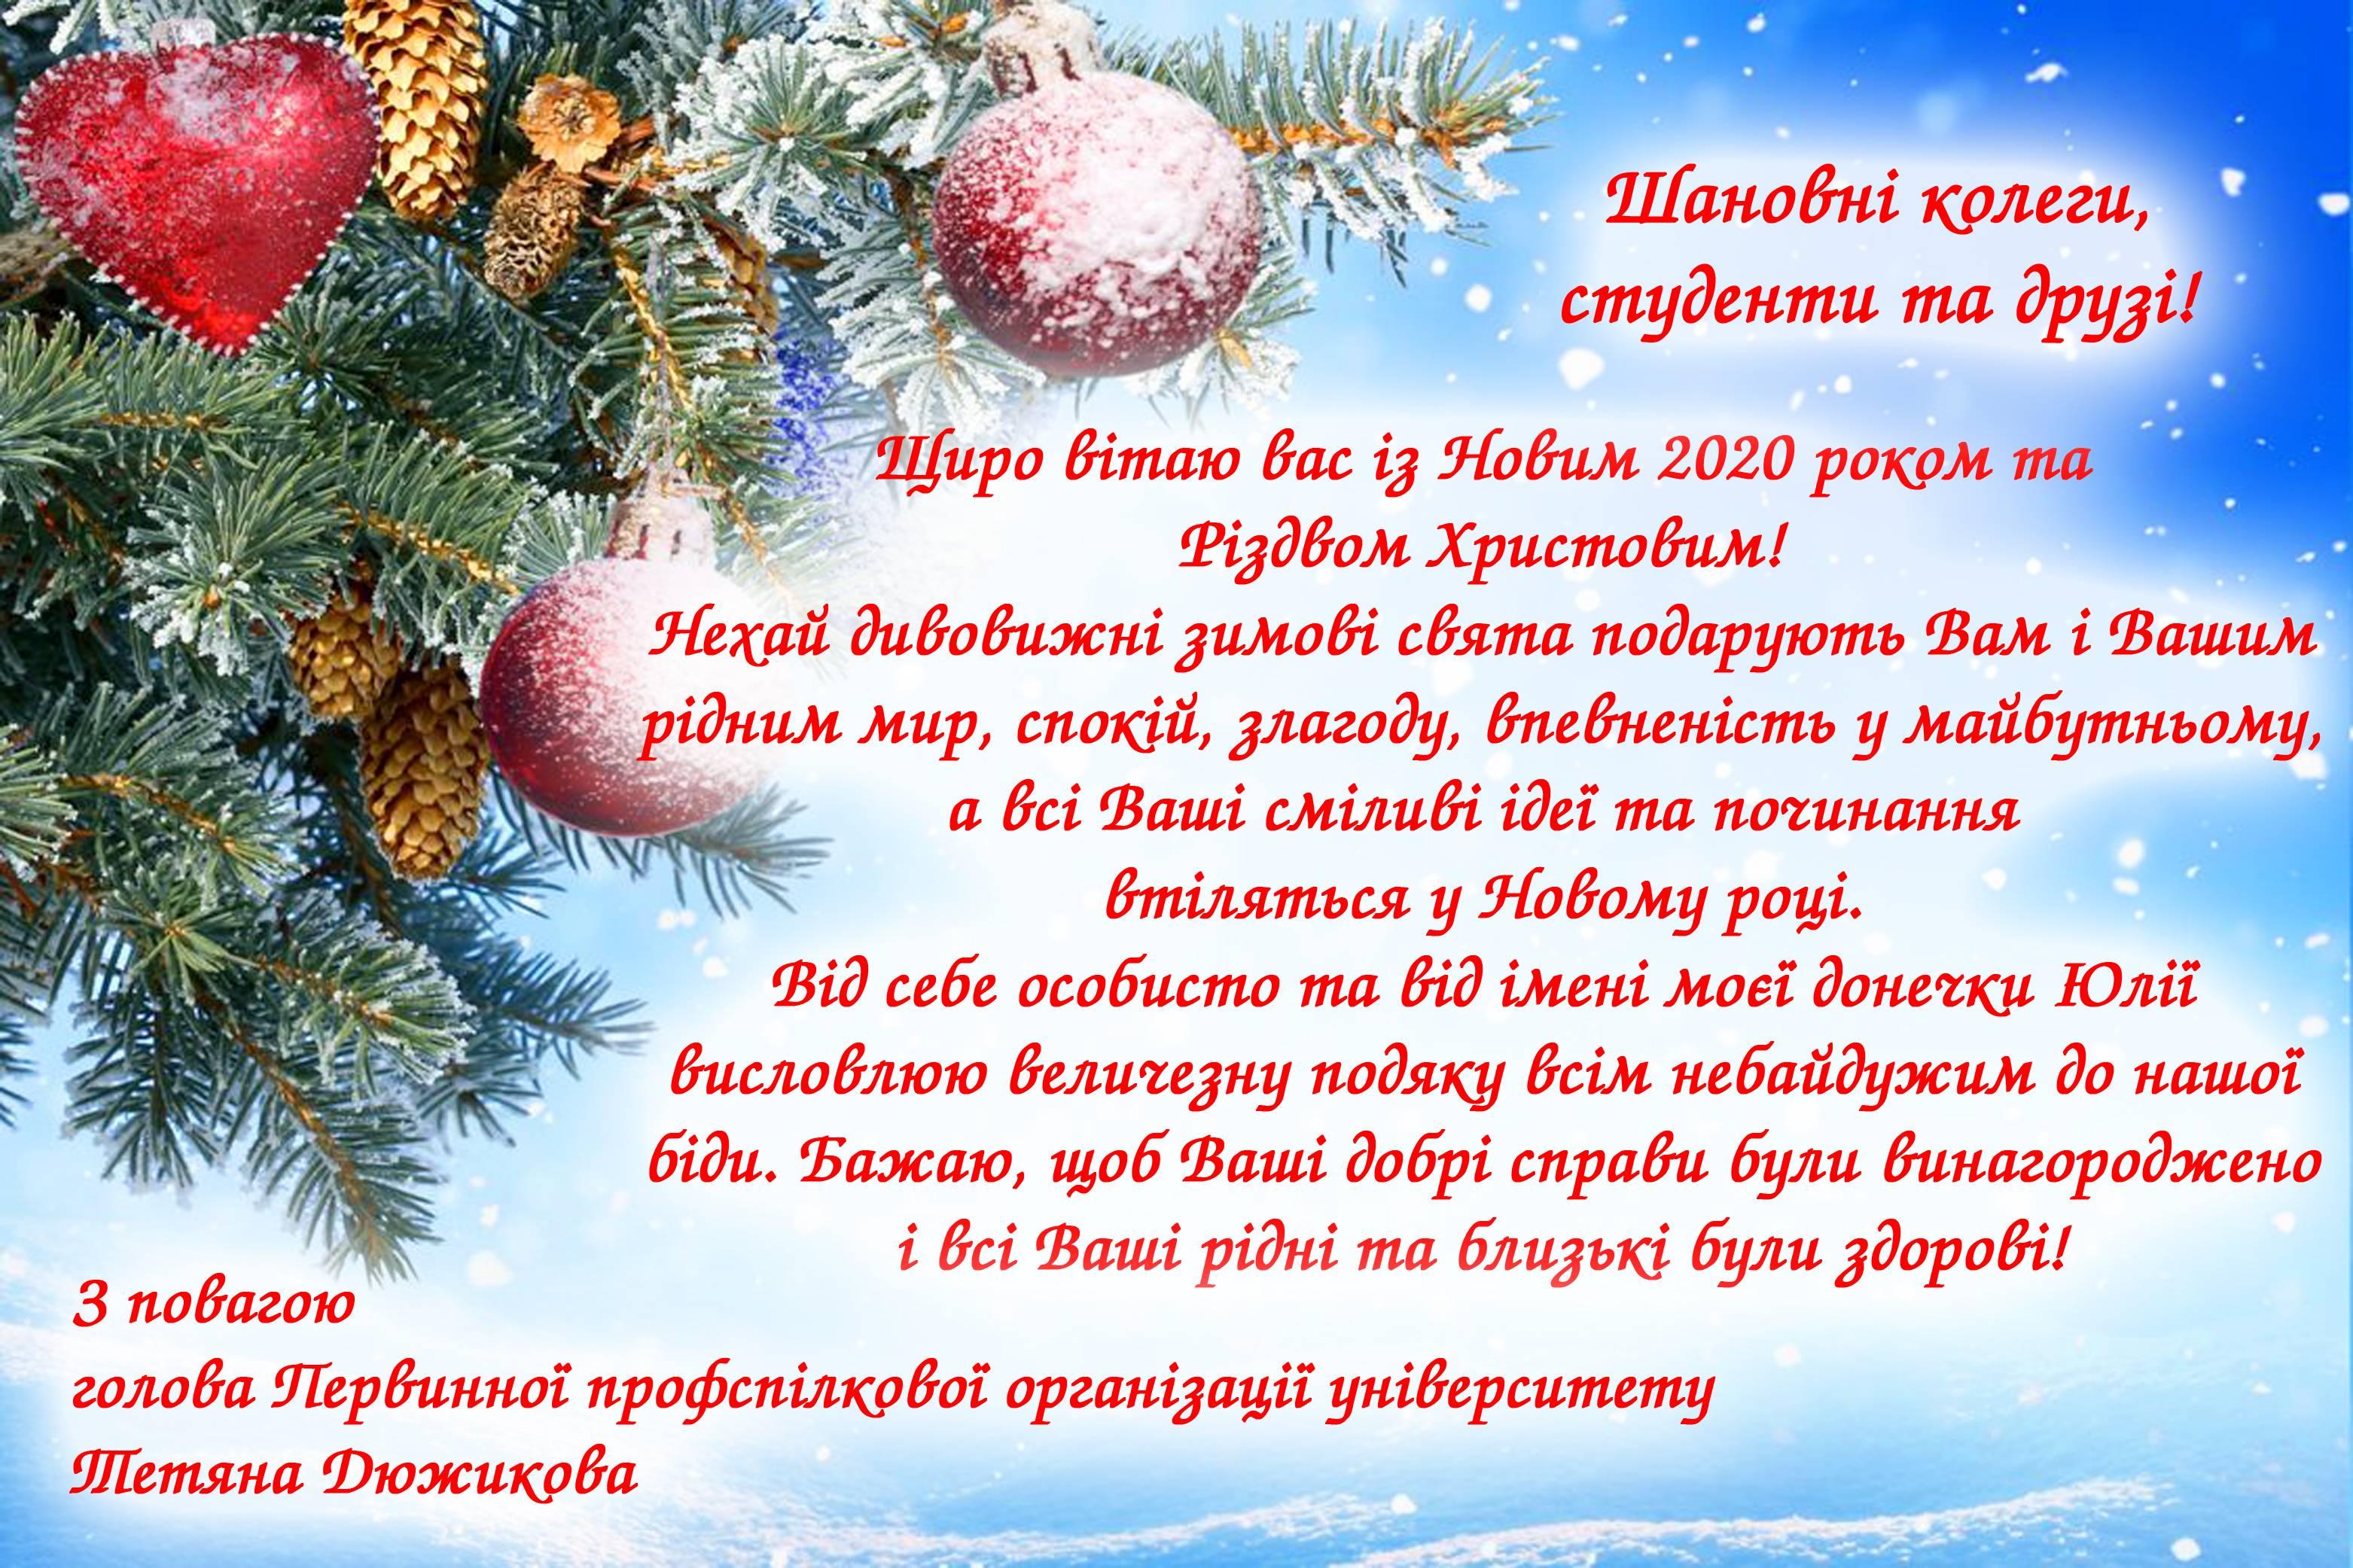 Привітання голови Первинної профспілкової організації університету Тетяни Дюжикової